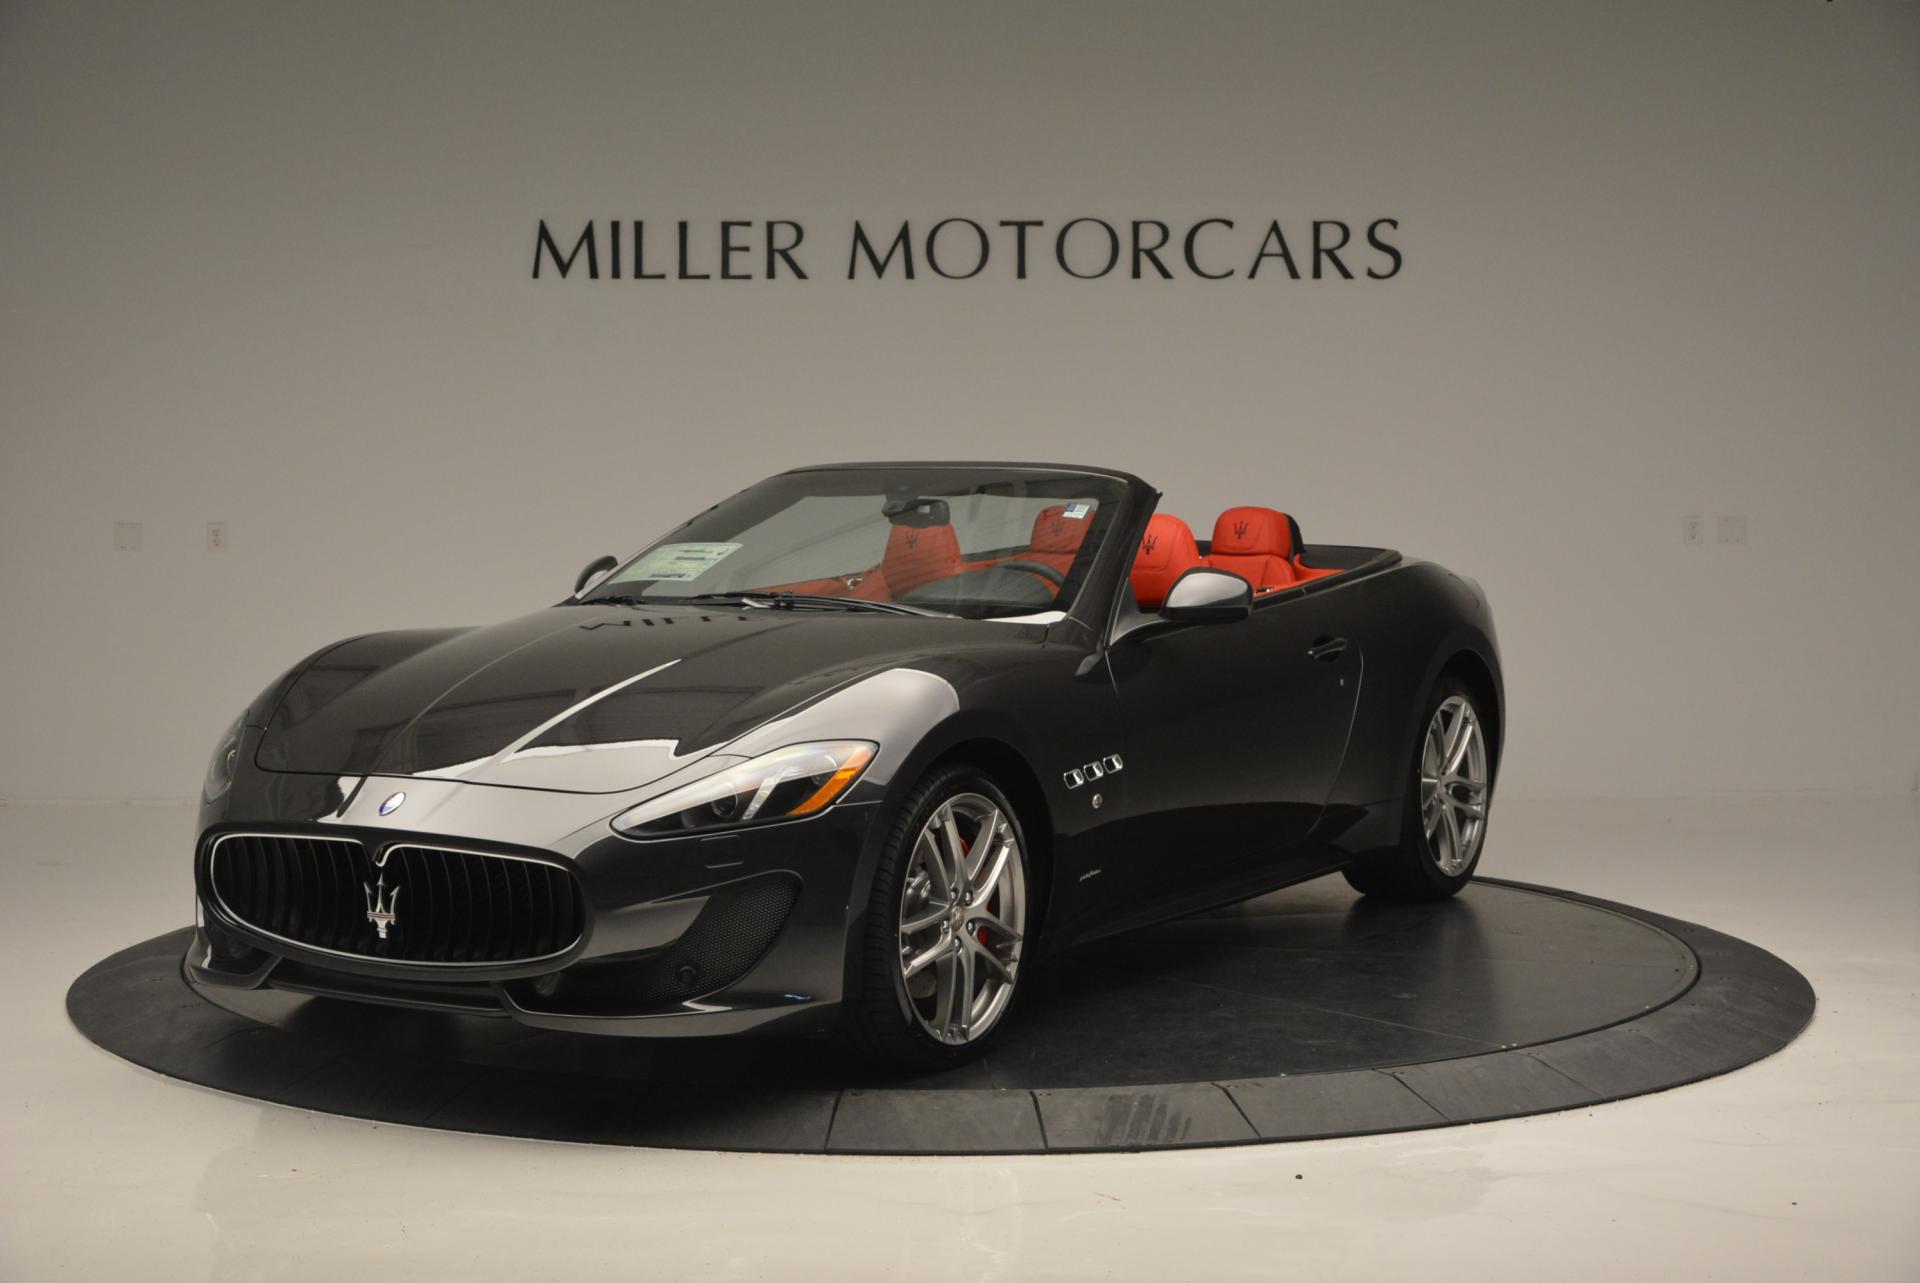 New 2017 Maserati GranTurismo Convertible Sport For Sale In Greenwich, CT 156_main